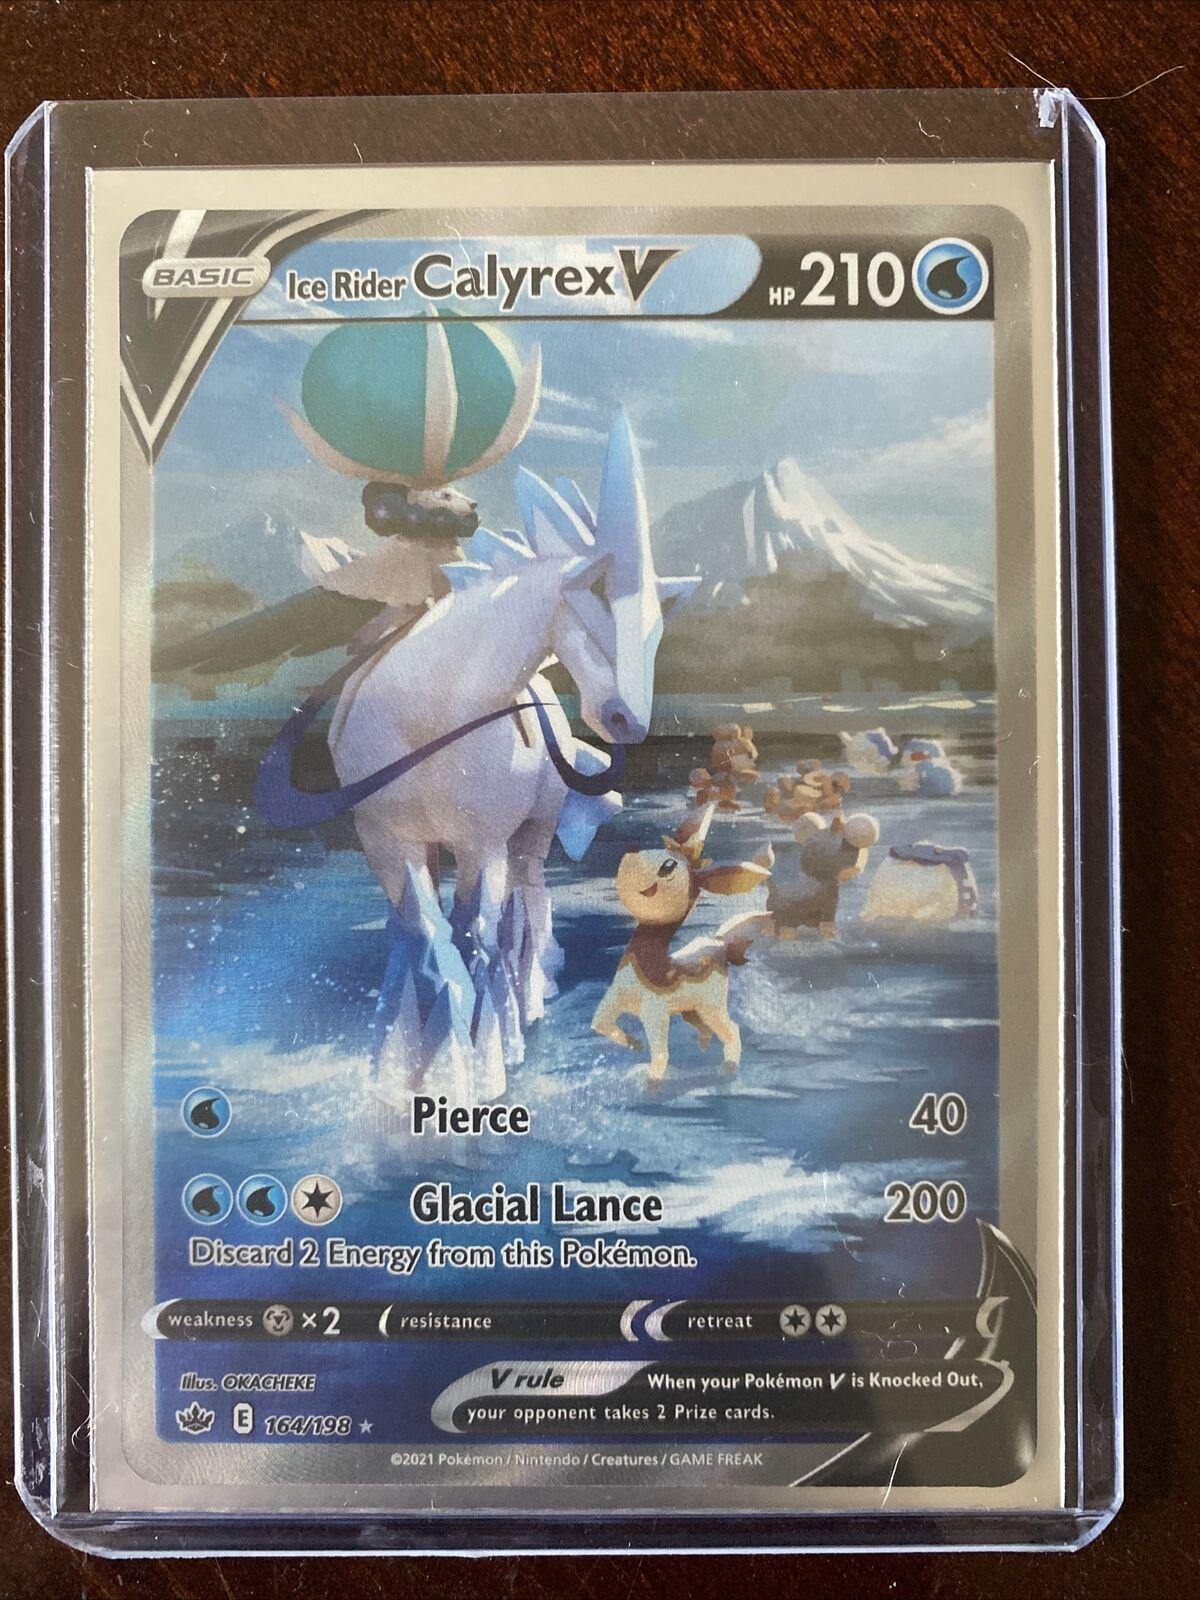 Ice Rider Calyrex V 164/198 - Full Art Chilling Reign Pokémon - Alt Art